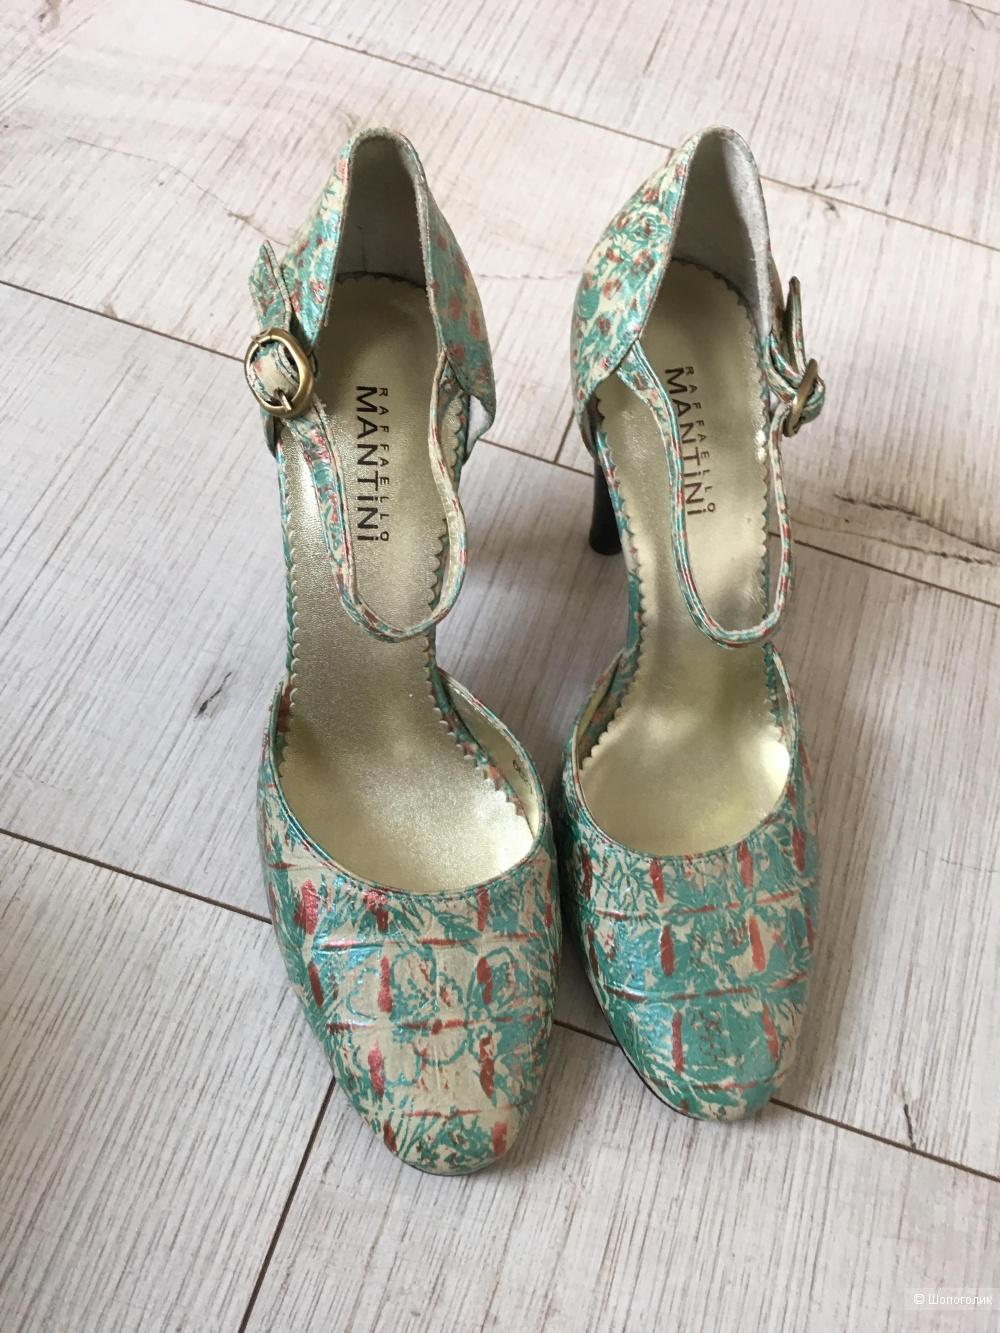 Кожаные туфли, 37 размер